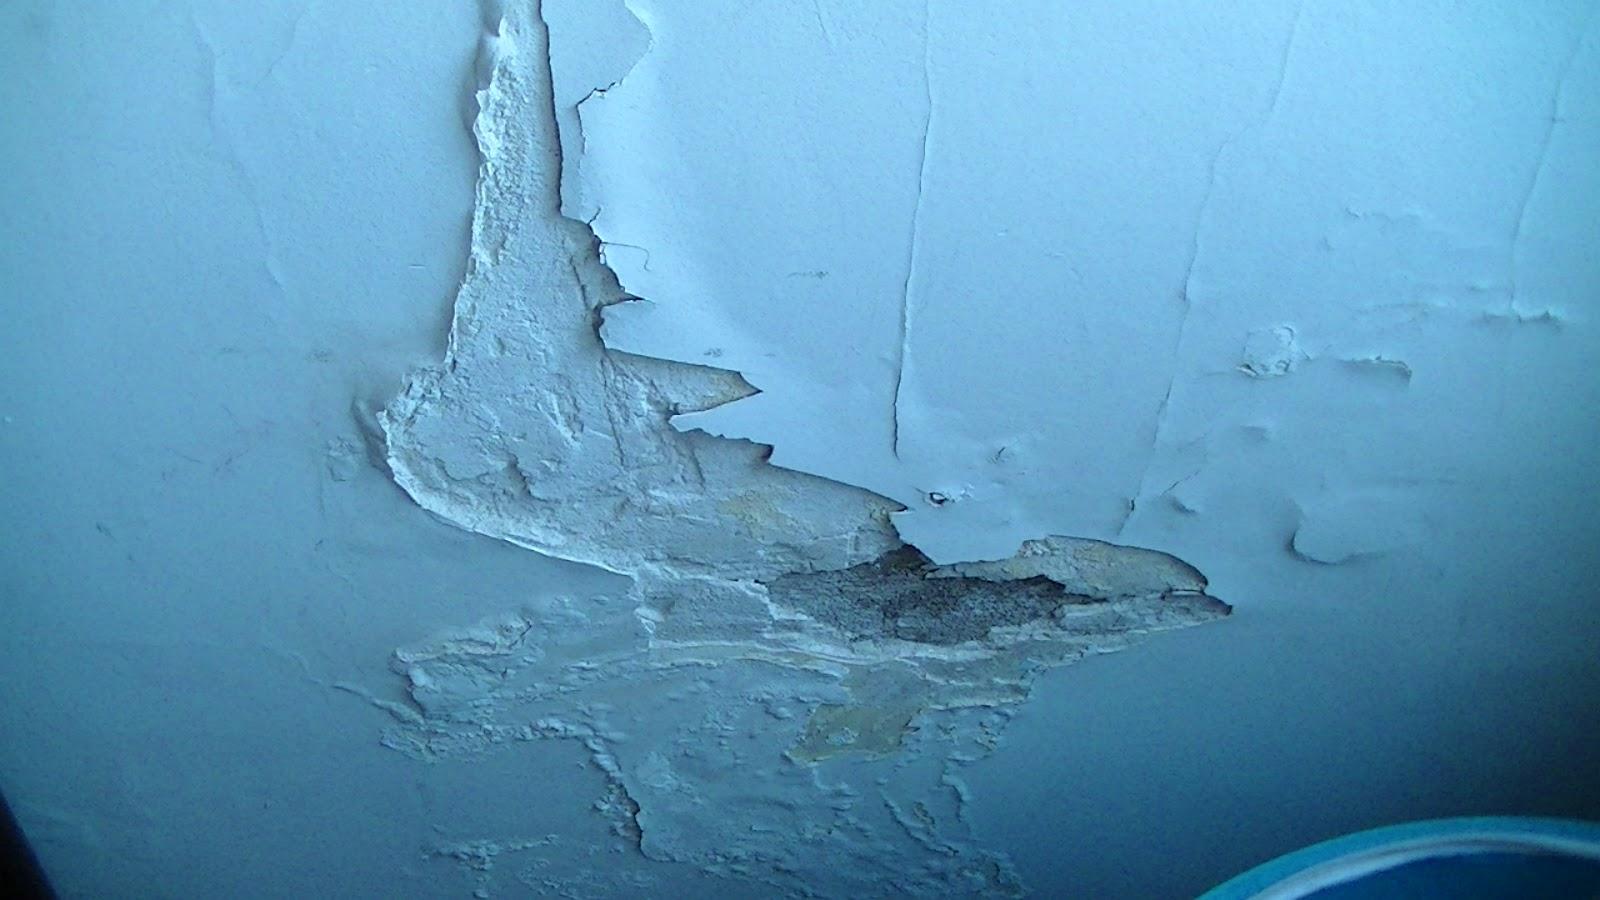 Sin picar ni romper paredes el problema de la humedad - Papel para paredes con humedad ...